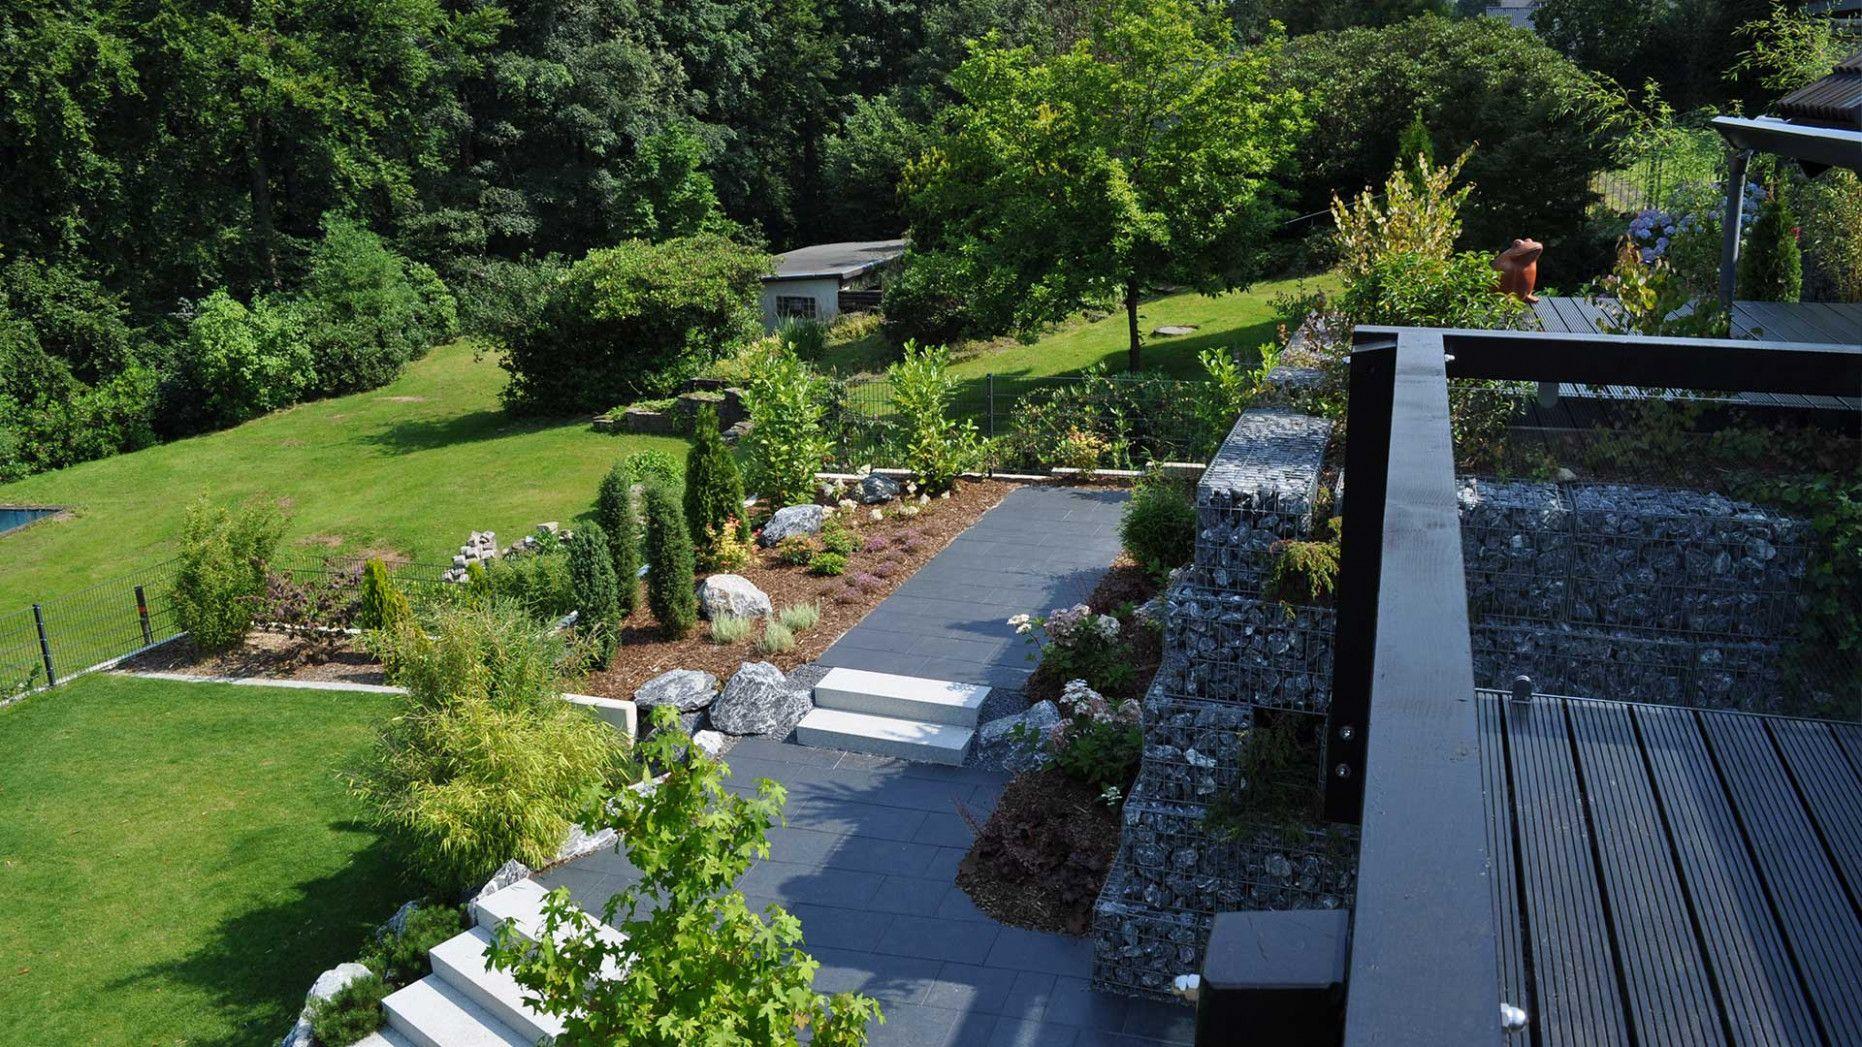 Garten Und Landschaftsbau Garten Landschaftsbau Landschaftsbau Landschaftsgestaltung